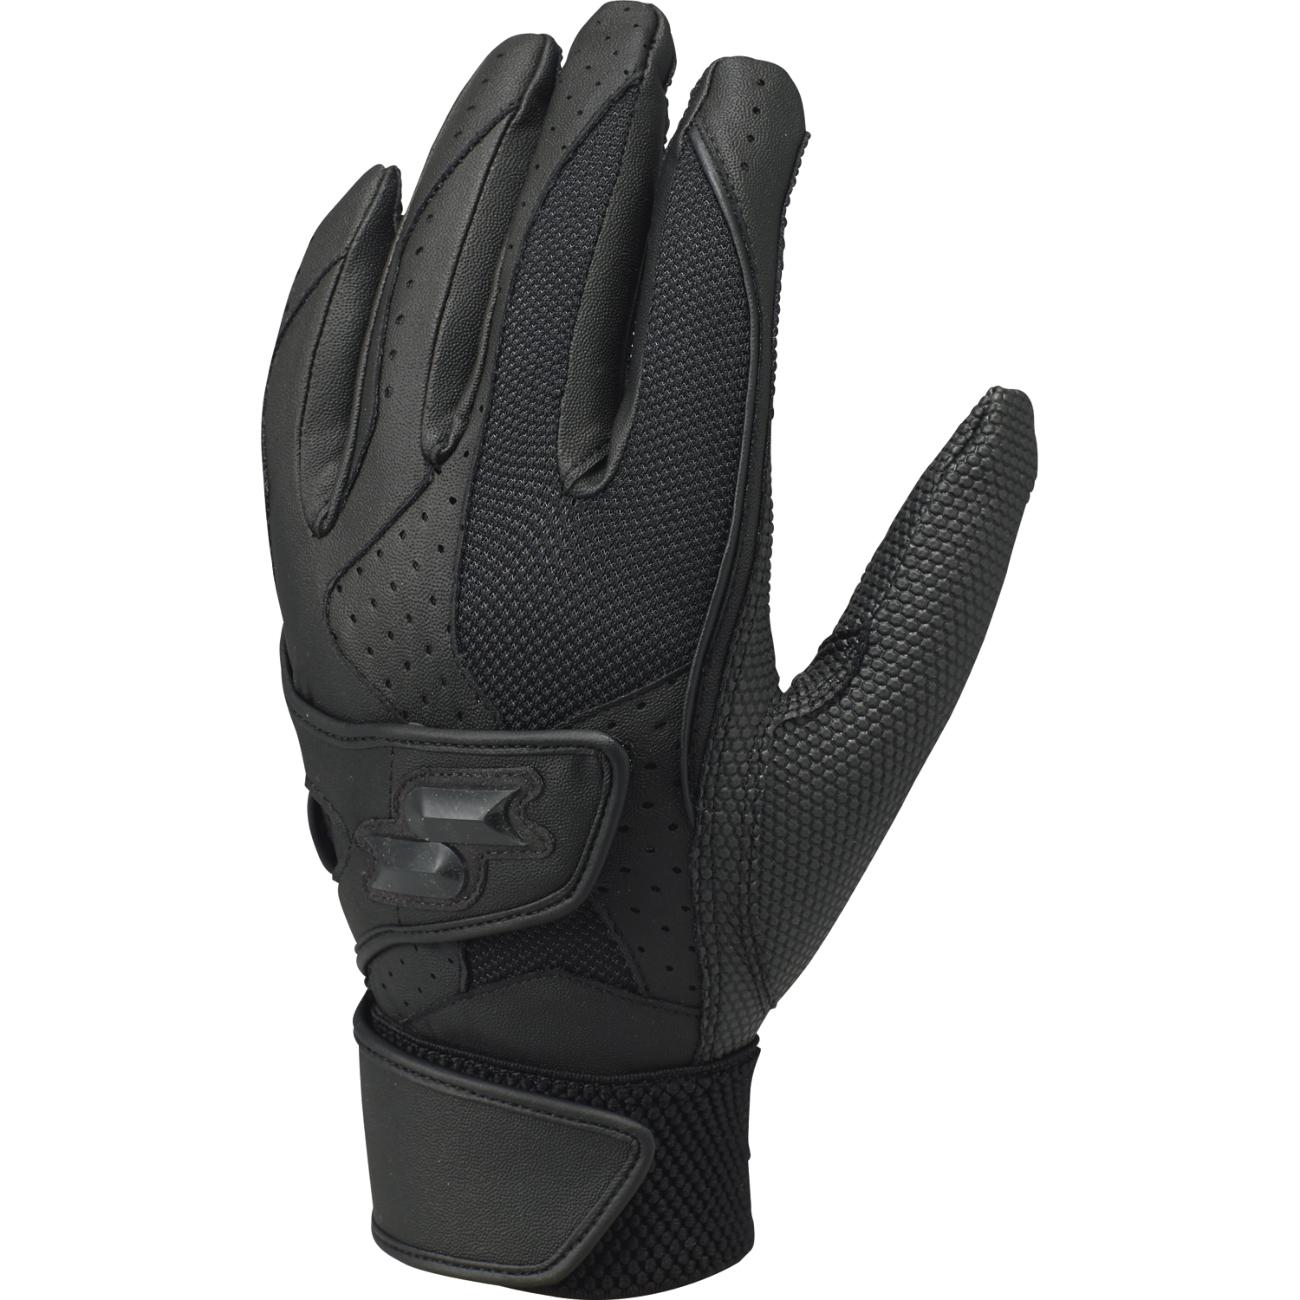 高校野球対応ダブルバンド手袋(両手) ブラック